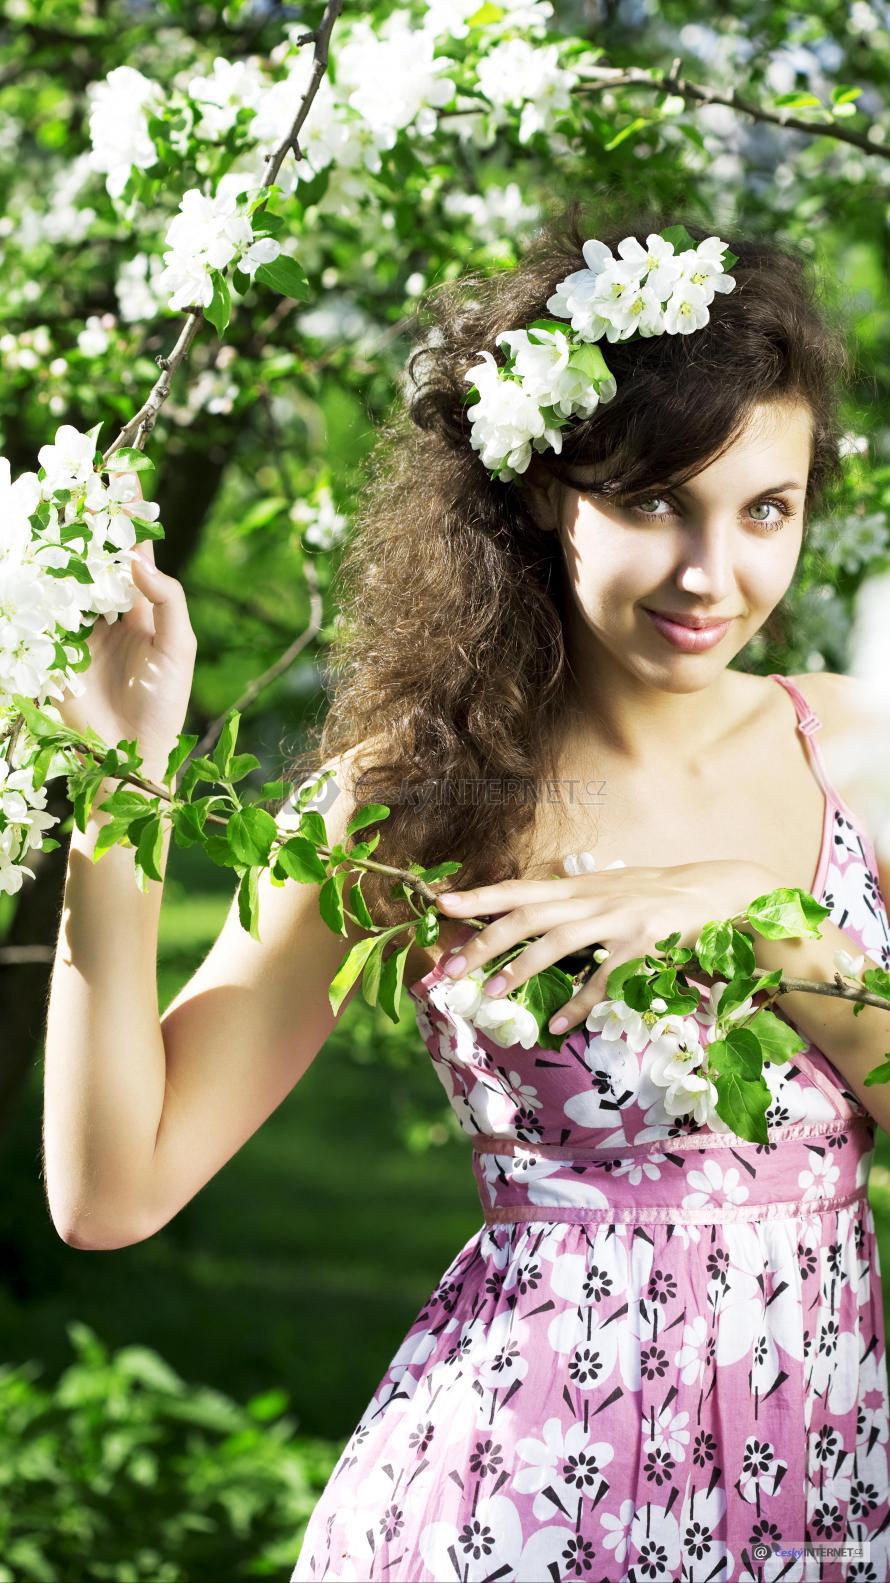 Dívka se fotí s květy jabloně.